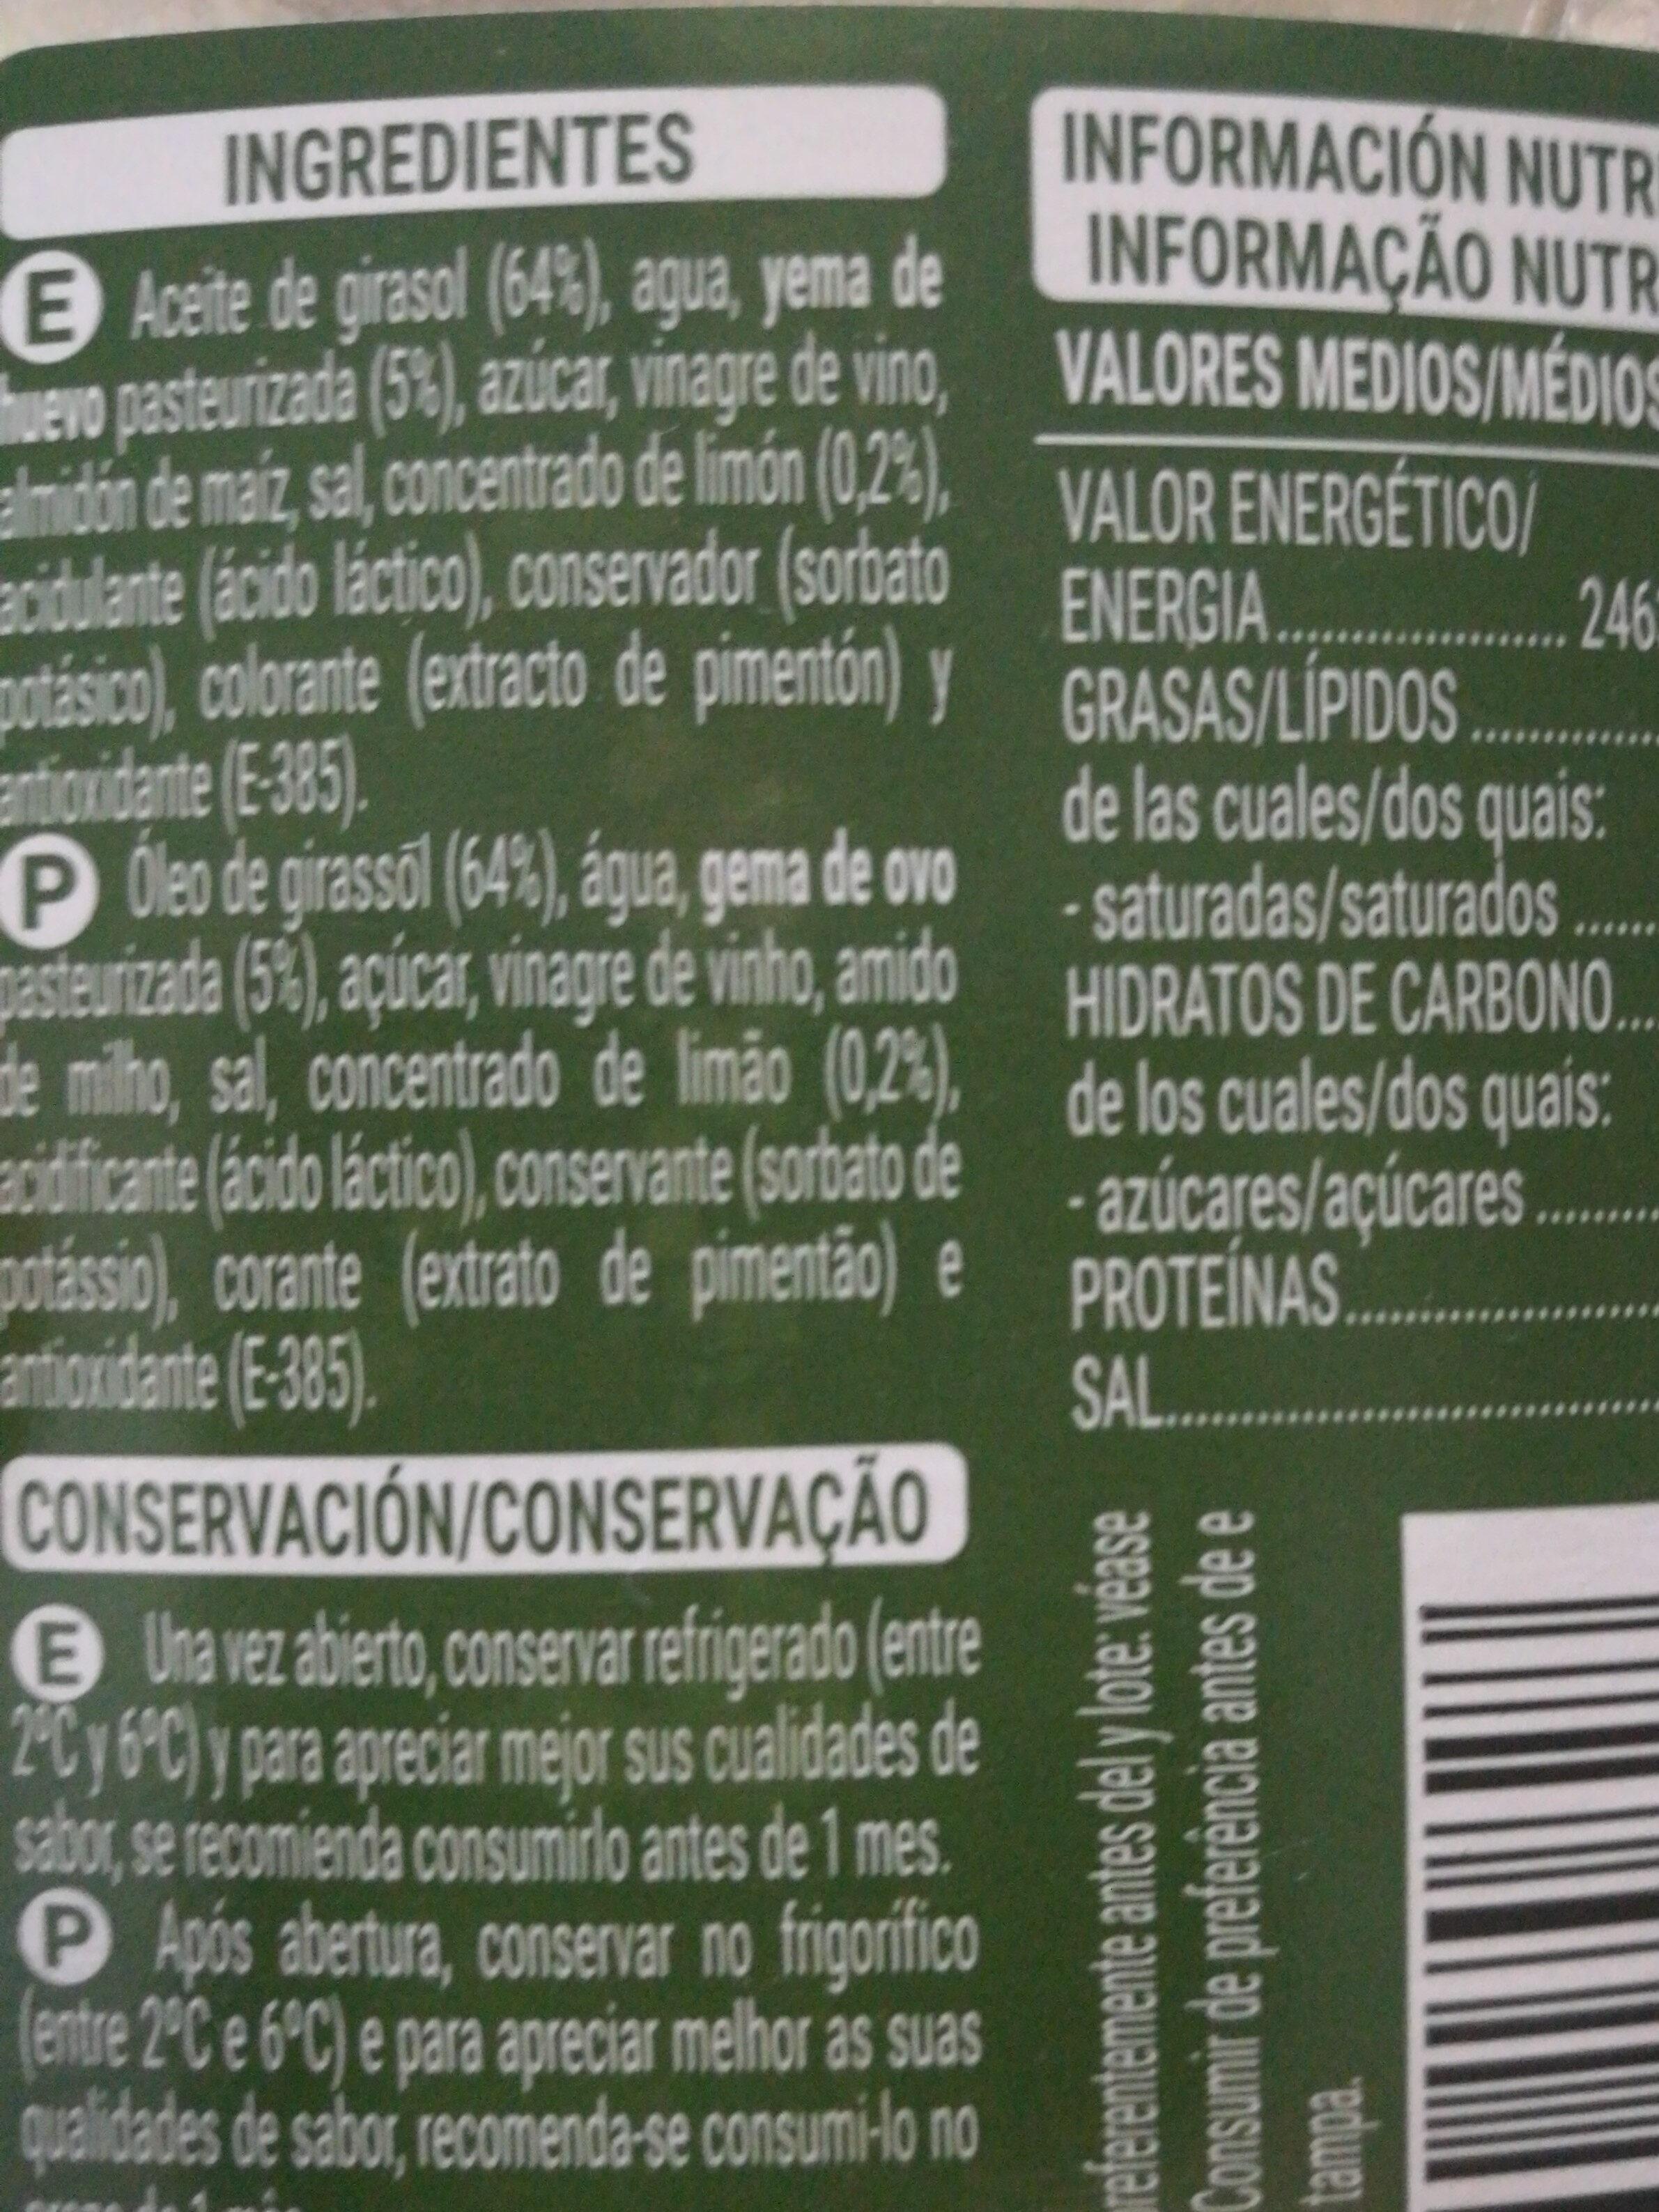 mayonesa hacendado - Ingredients